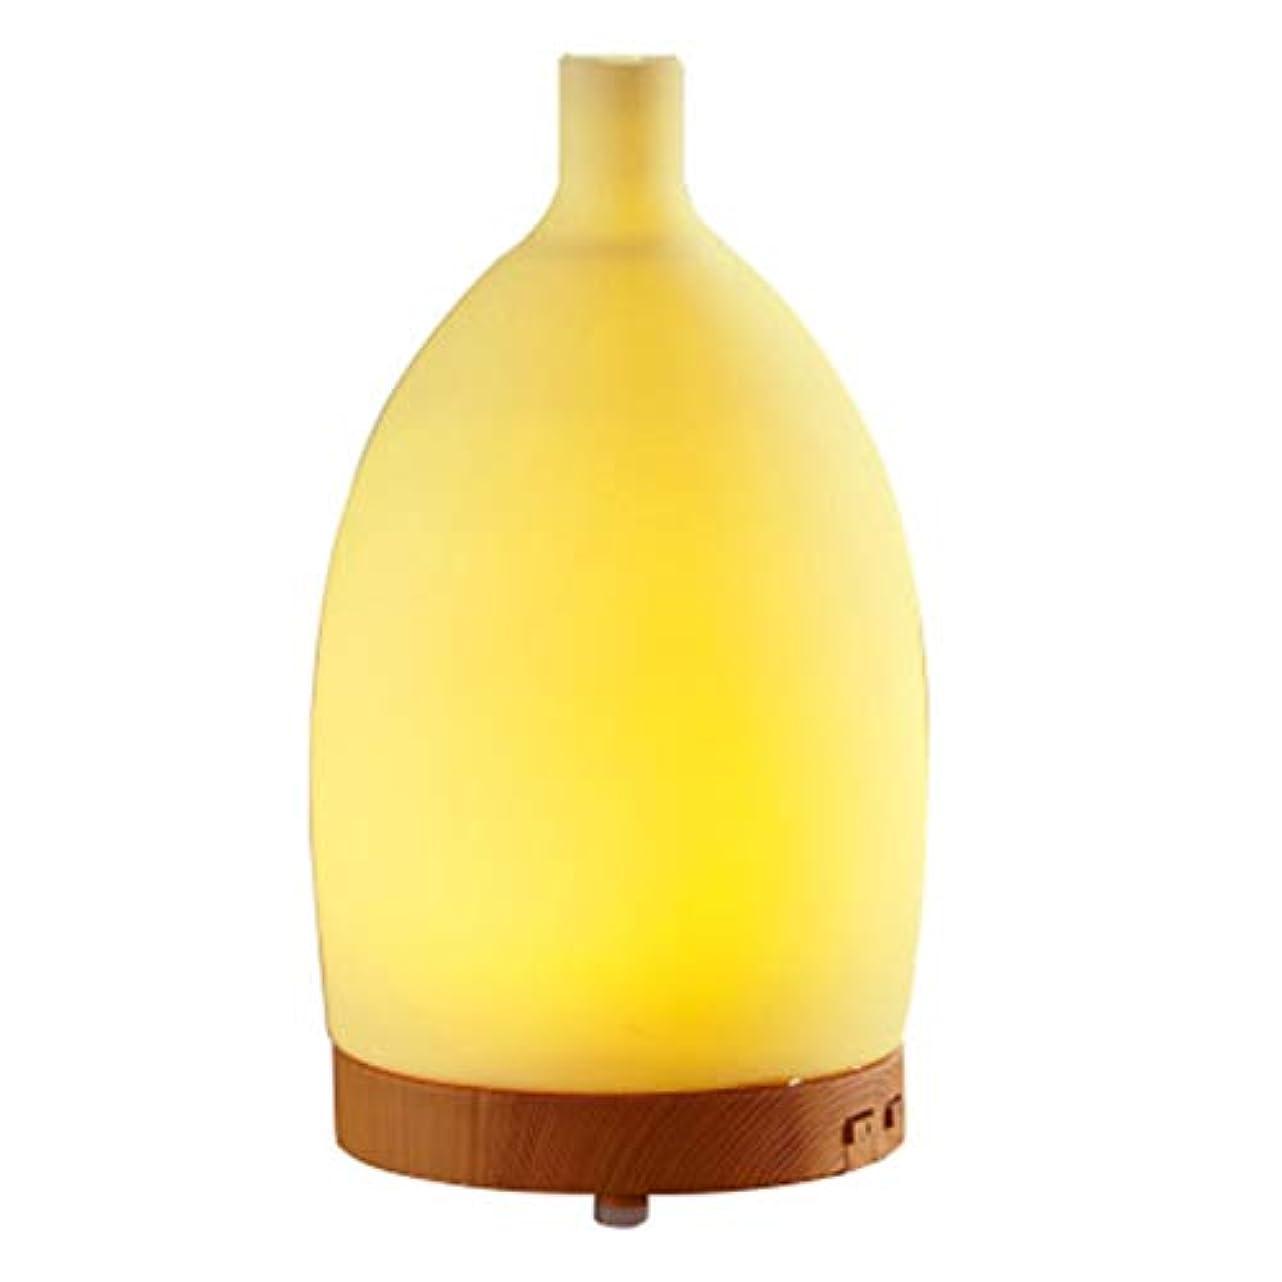 買い手販売員降ろす7つの可変性の色LEDライトが付いている100mlシリコーンの花瓶の加湿器のための精油の拡散器は水の自動オフ浄化の空気を浄化します (Color : Colorful)